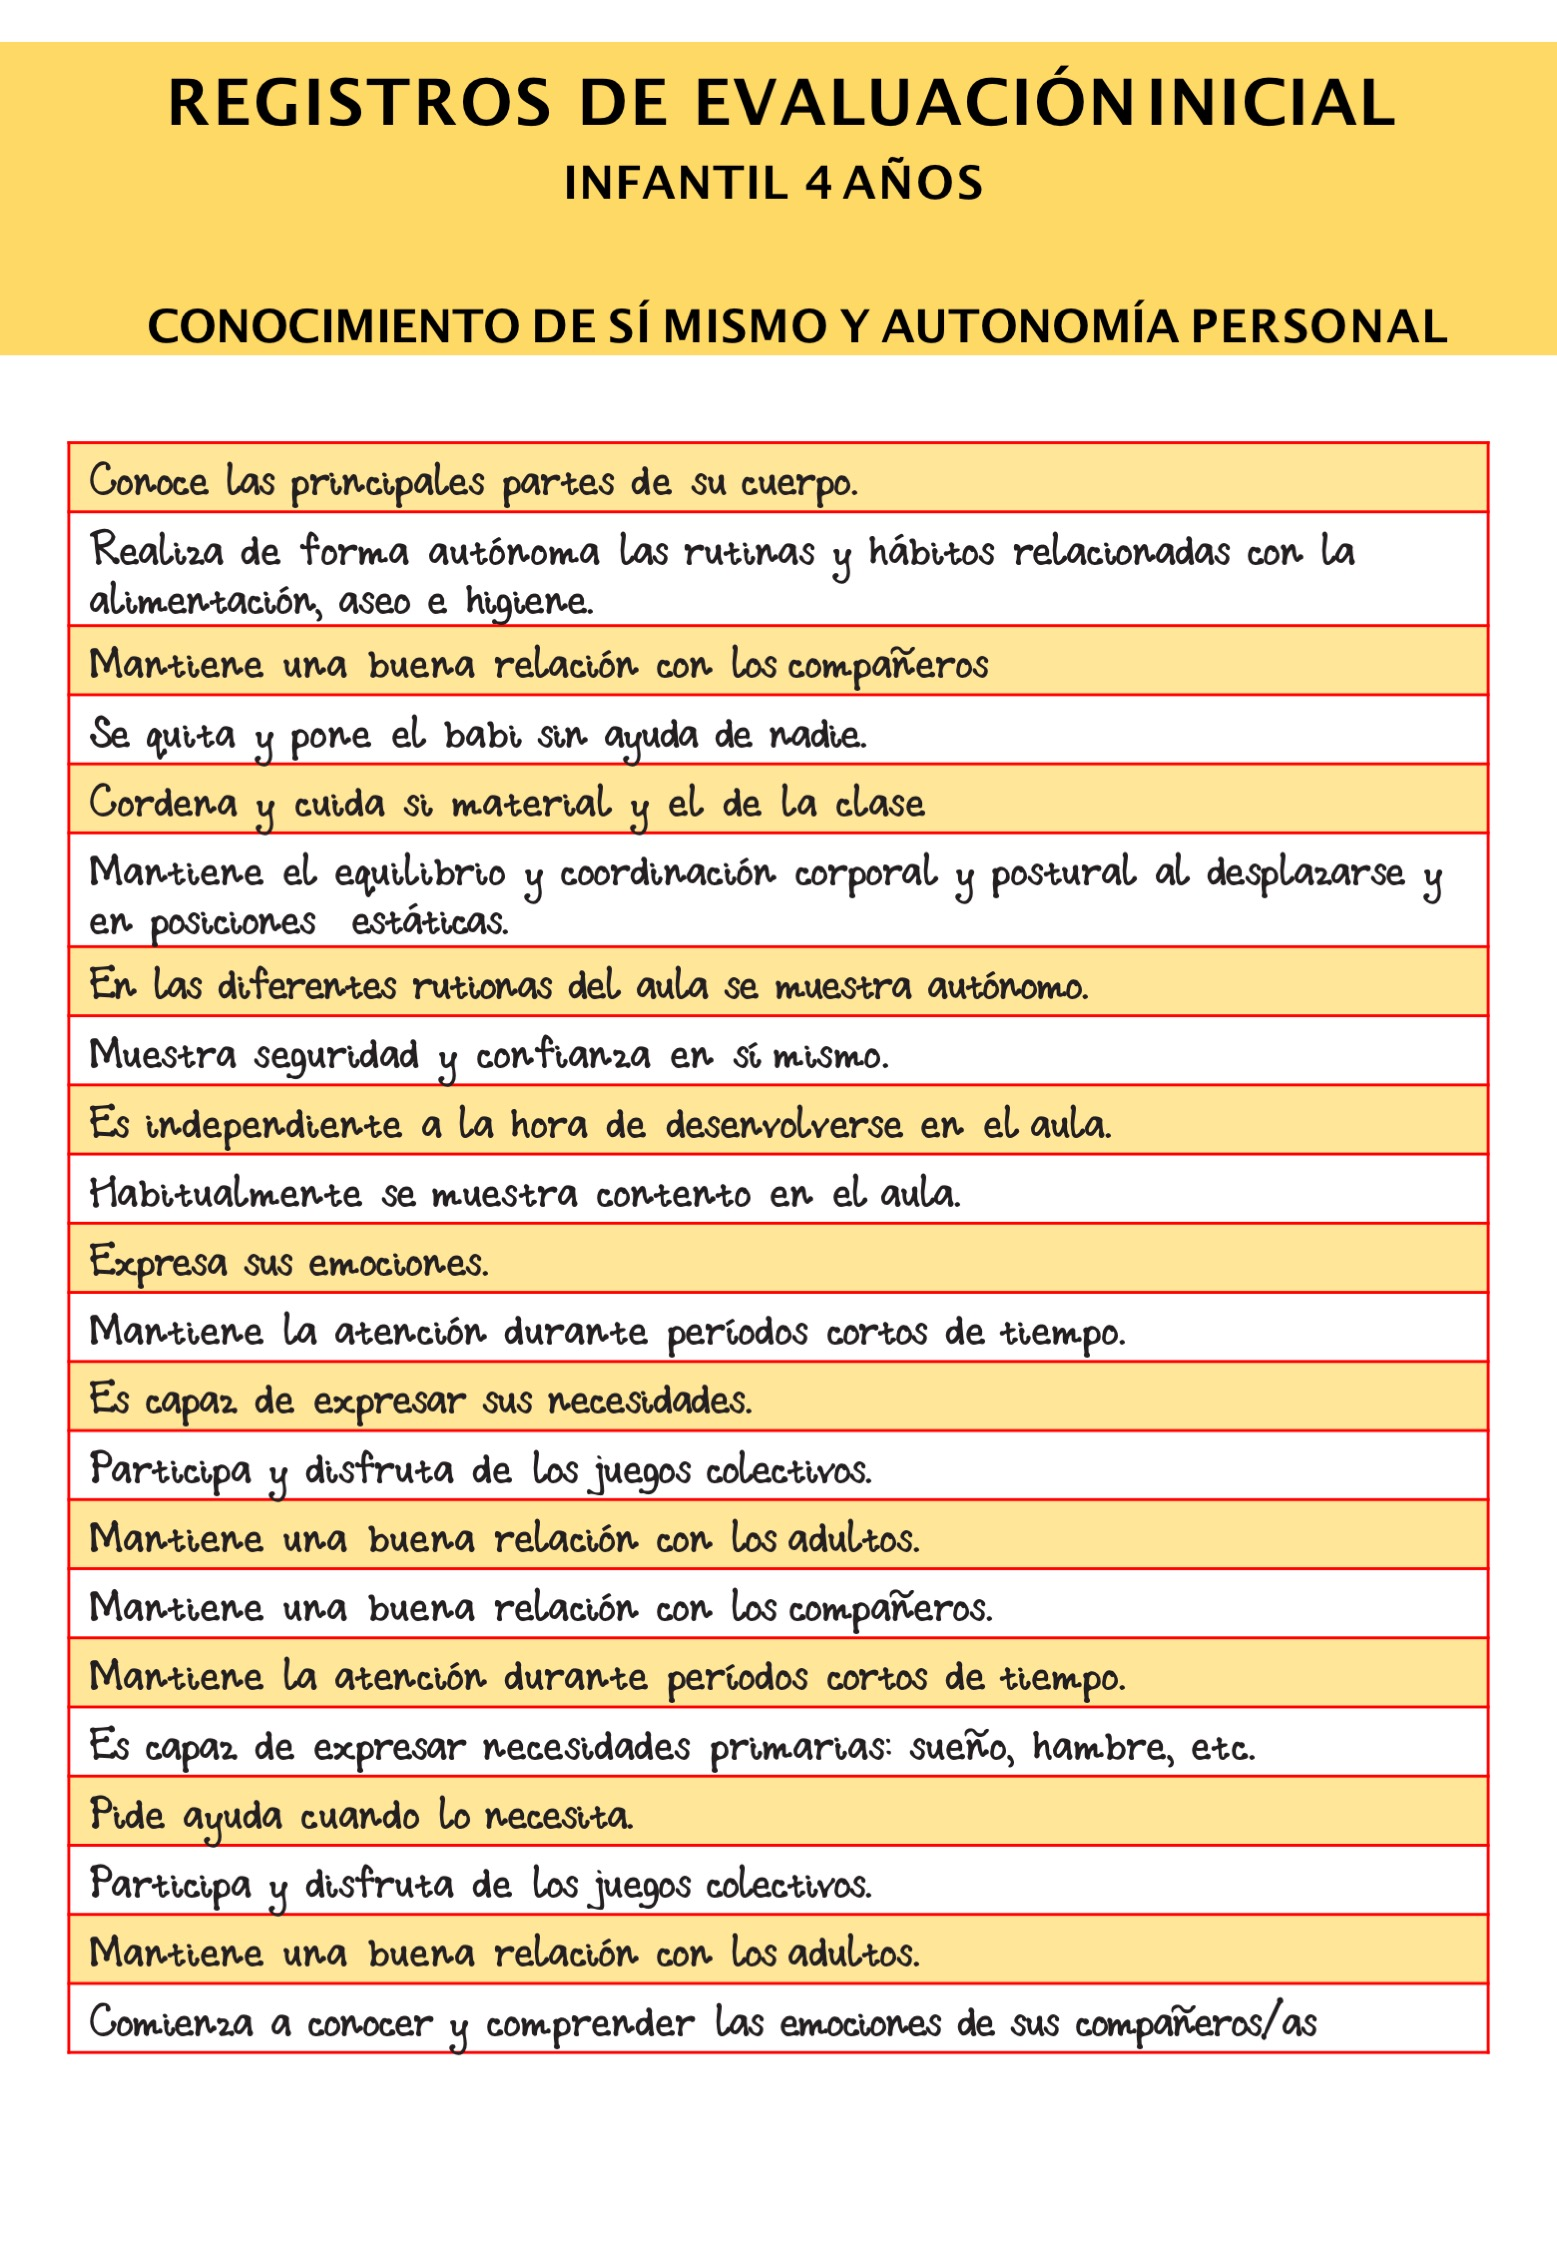 EVALUACION INICIAL 4 AÑOS REGISTRO1 - Orientación Andújar - Recursos  Educativos